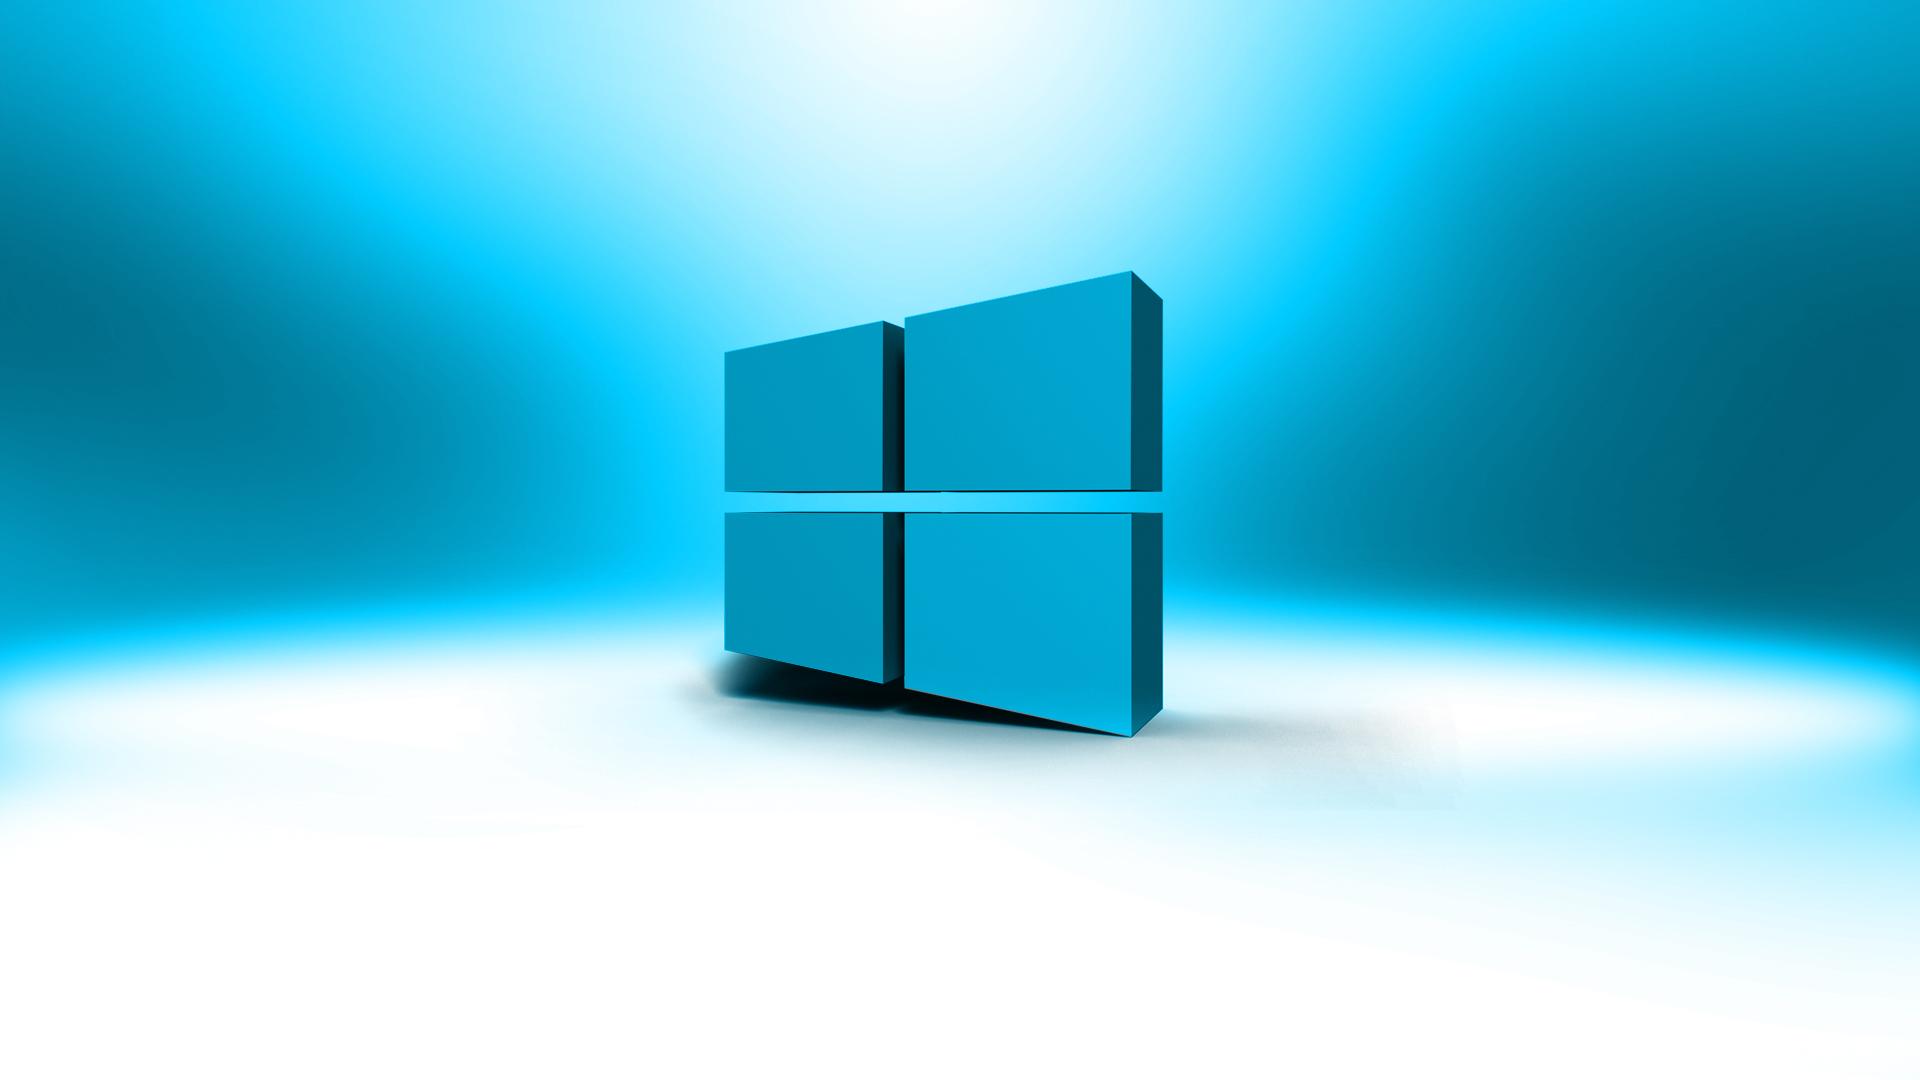 Window 10 Widescreen Desktop Wallpapers 1920x1080